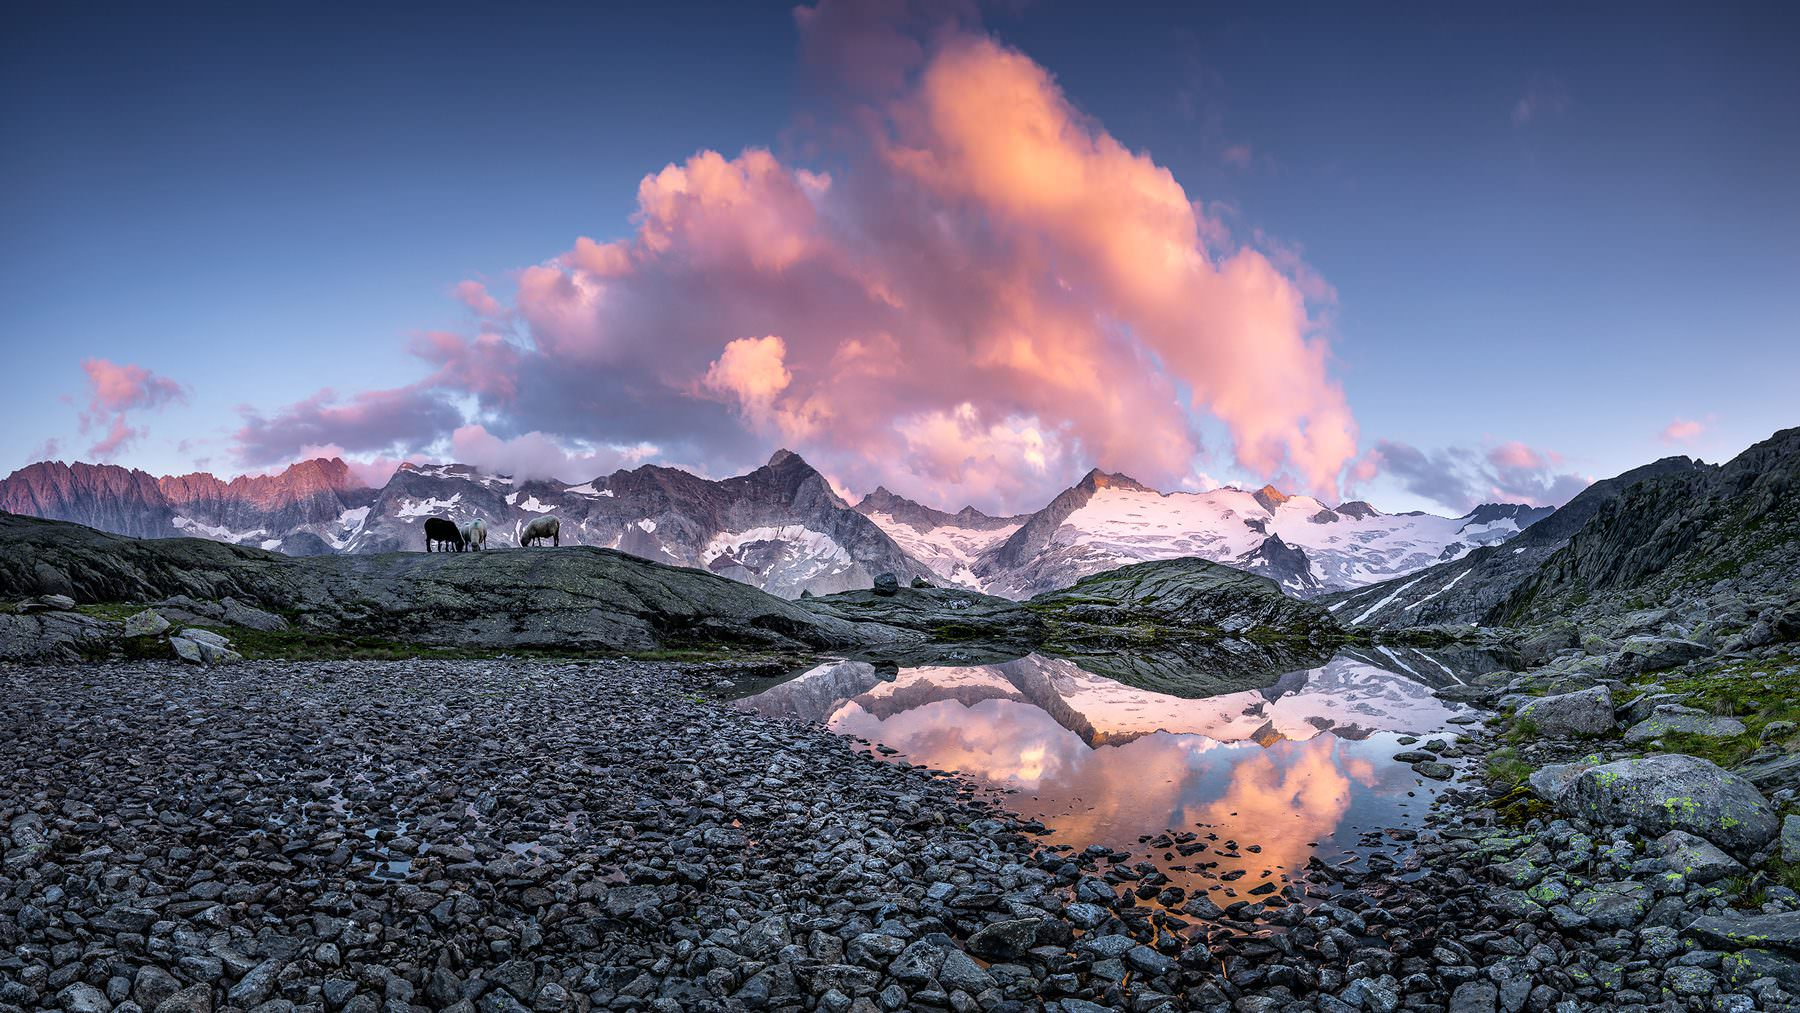 Sonnenuntergang - im Gauligebiet mit Blick auf den Hienderstock und Ewigschneehorn